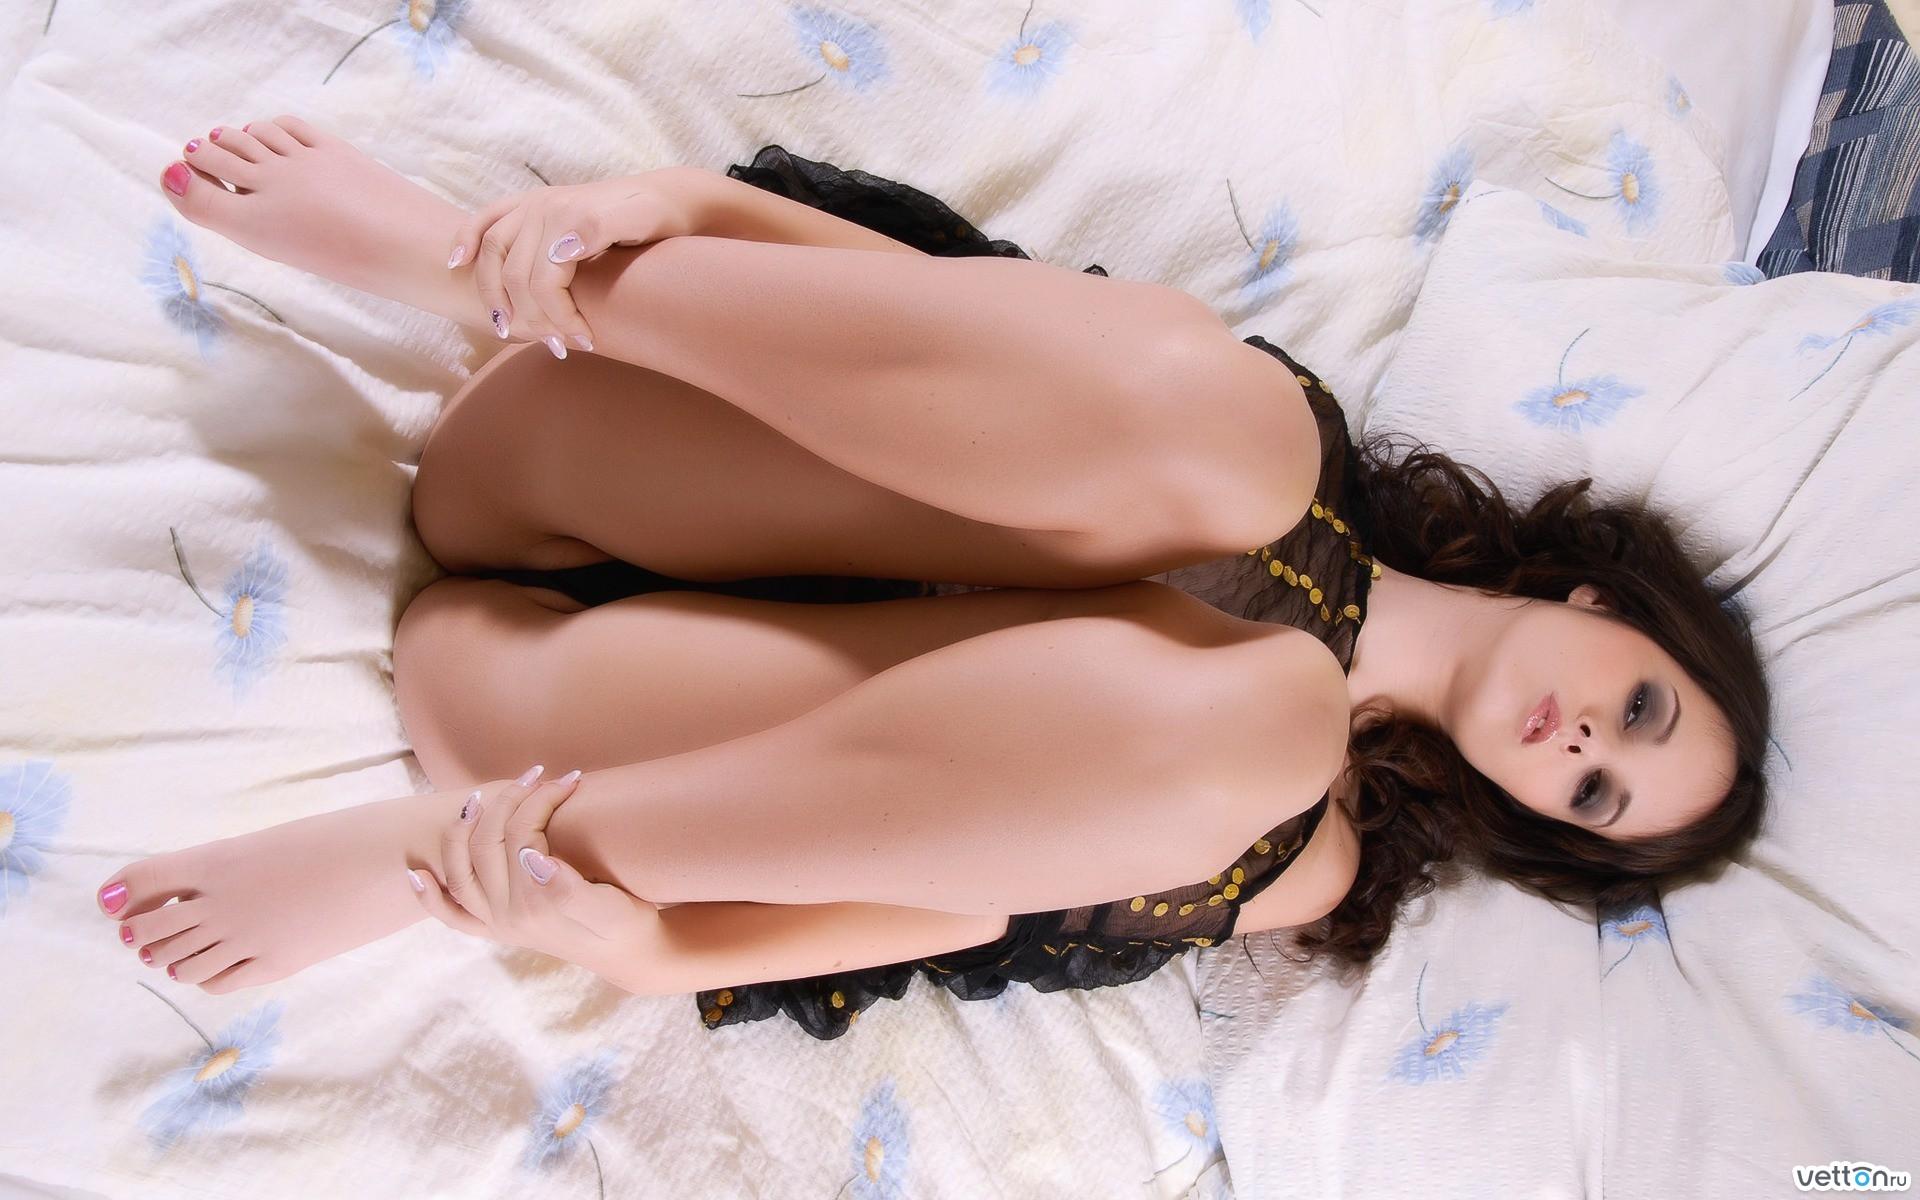 Сексуальные девушки в красивых позах 15 фотография